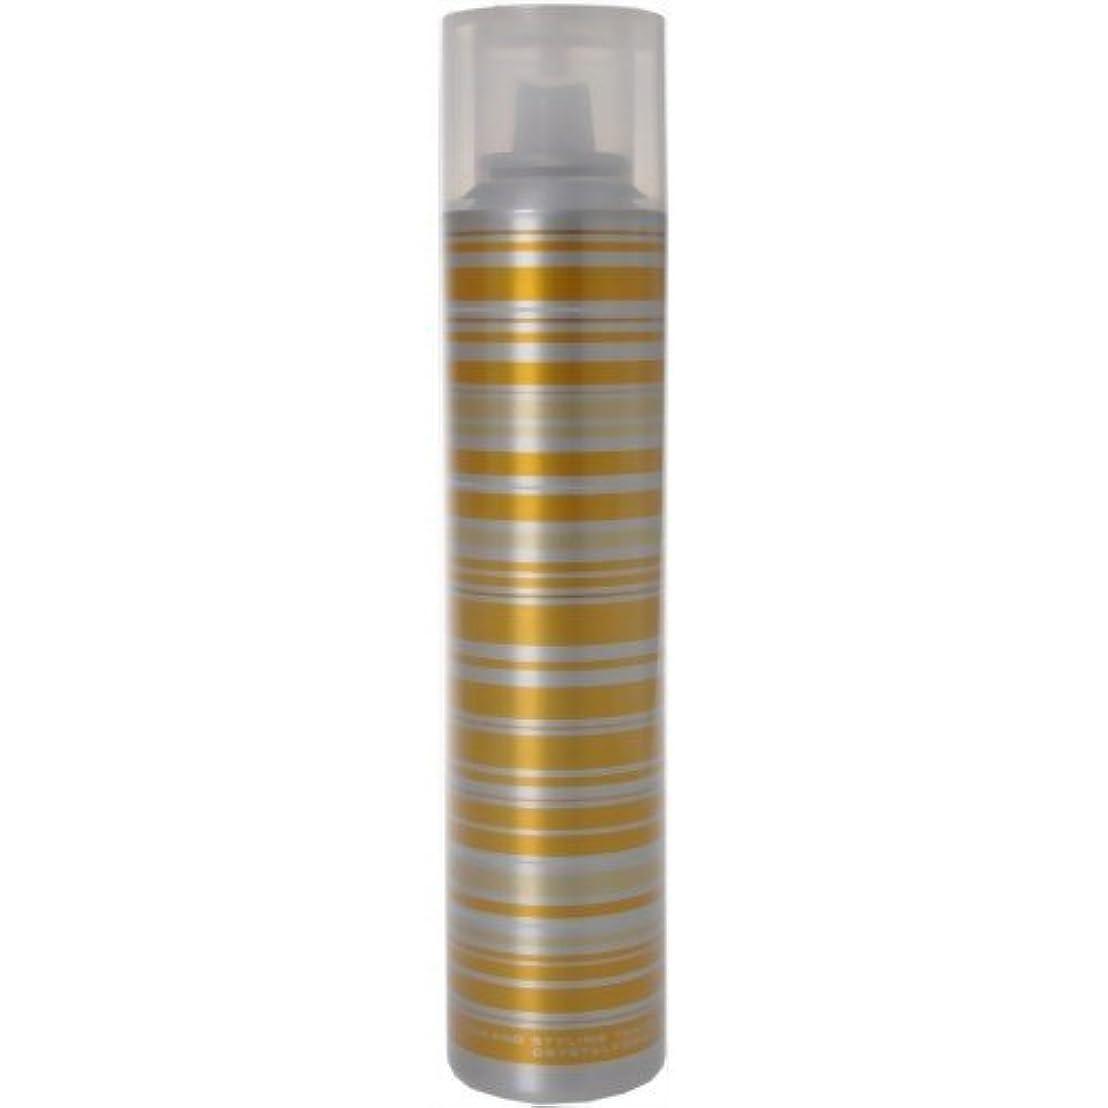 バトルリマーク素晴らしい良い多くの中野製薬 ナカノ スタイリング タント クリスタルフォギー 10 180g